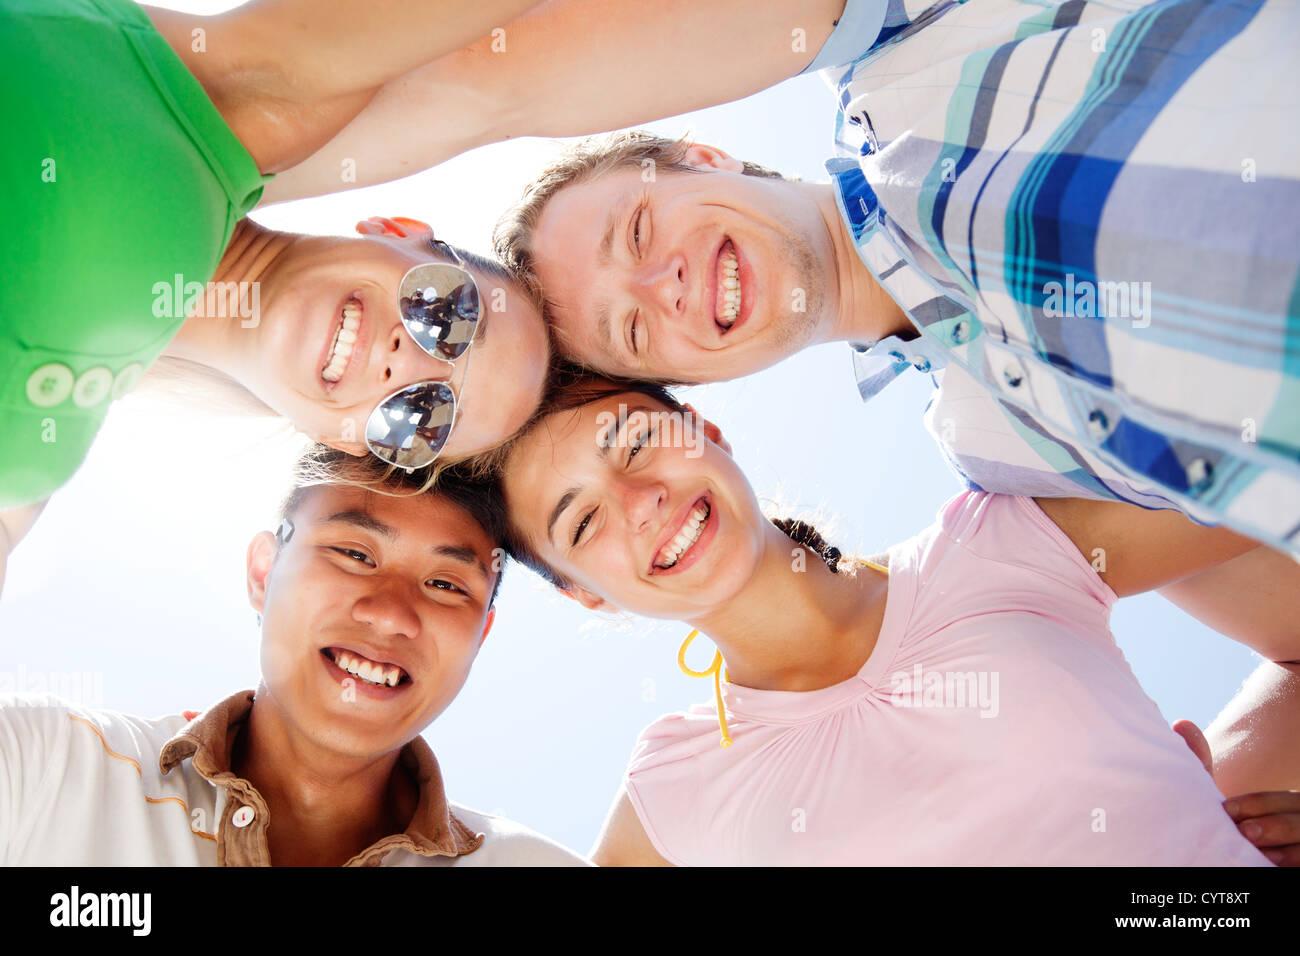 Groupe de jeunes s'amusant Photo Stock